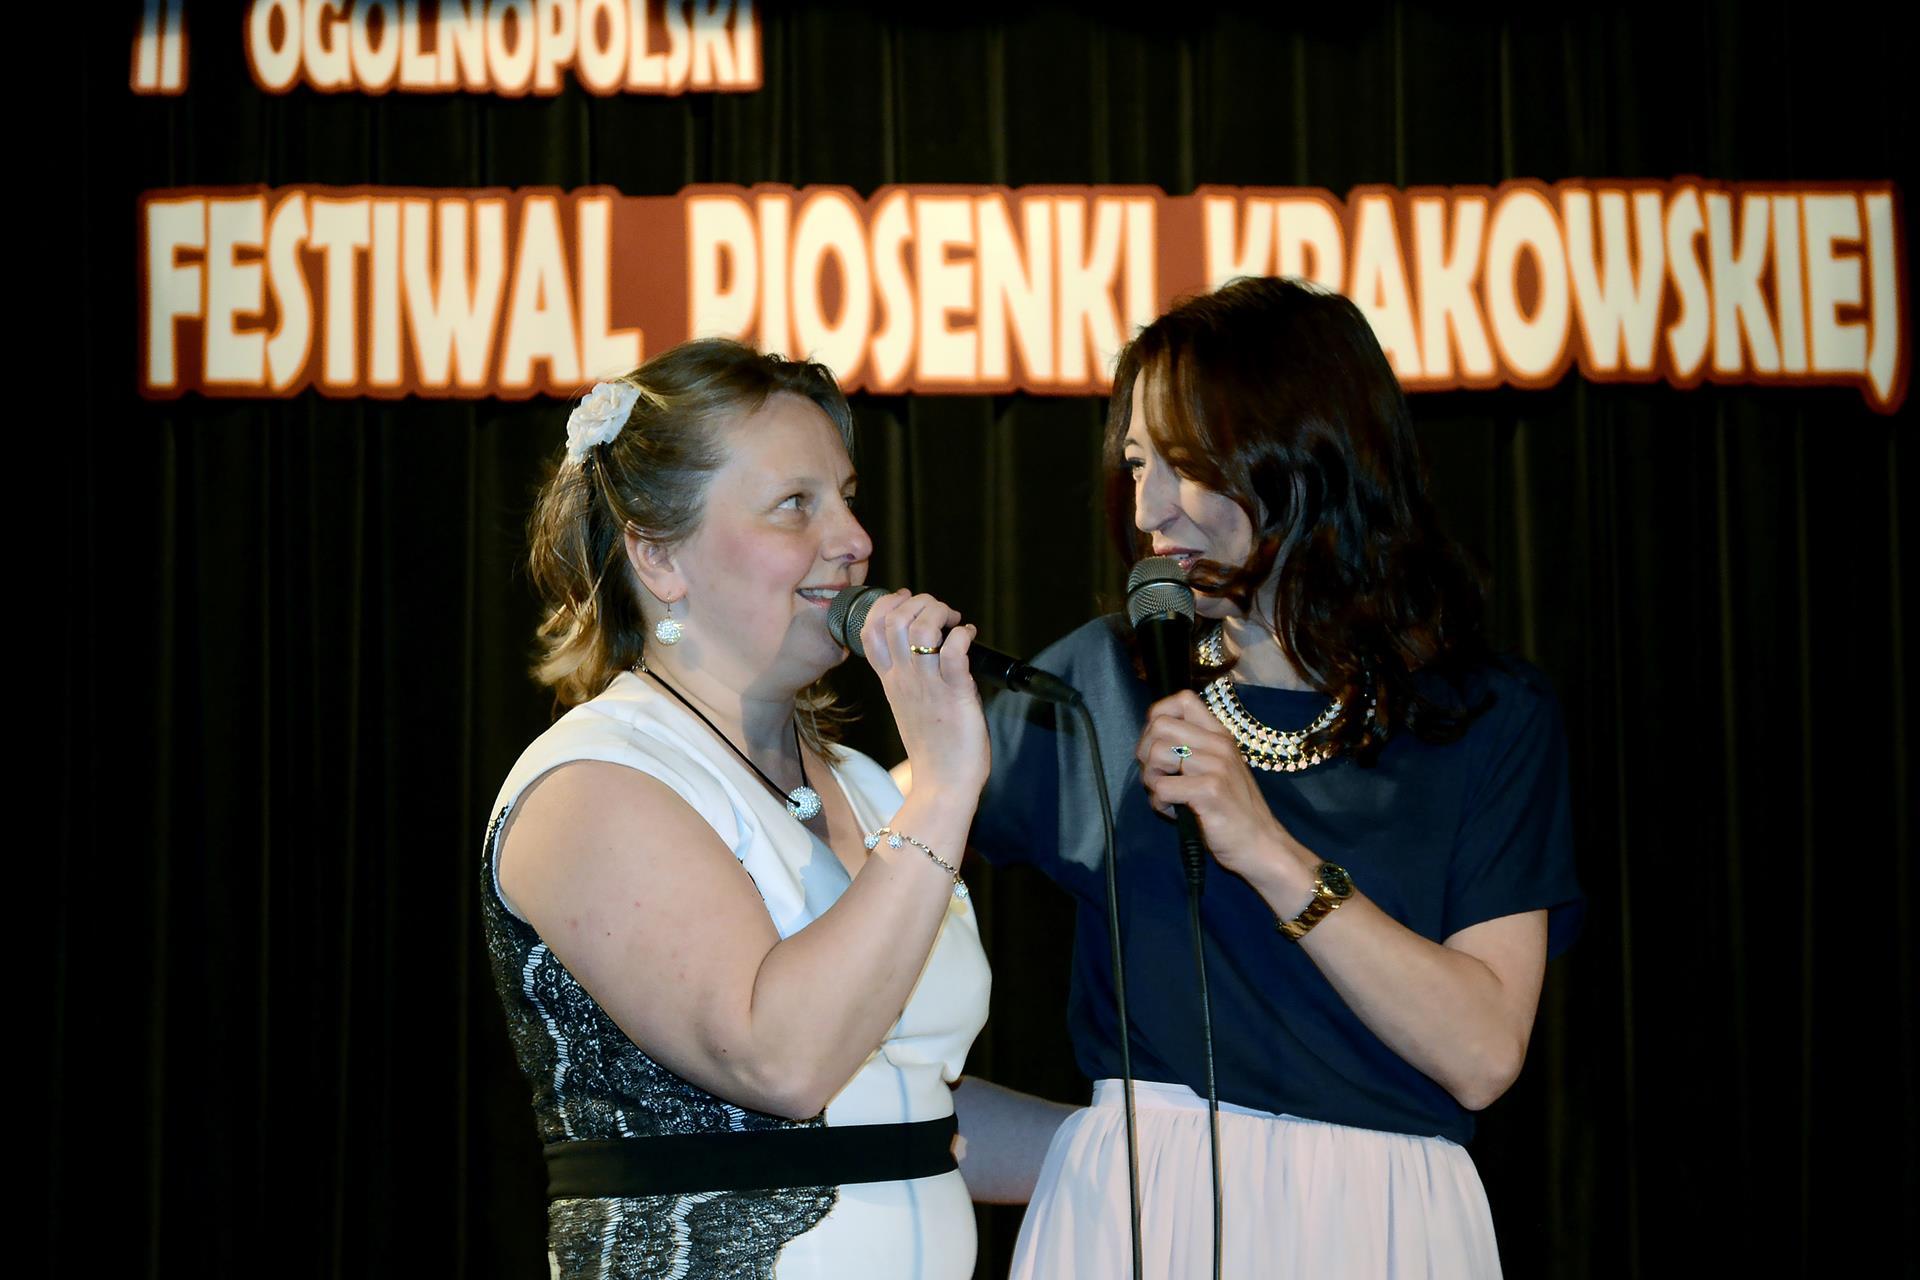 Zaimprowizowany duet gwiazdy wieczoru Marty Bizoń z laureatką 1 miejsca w kat. solistów